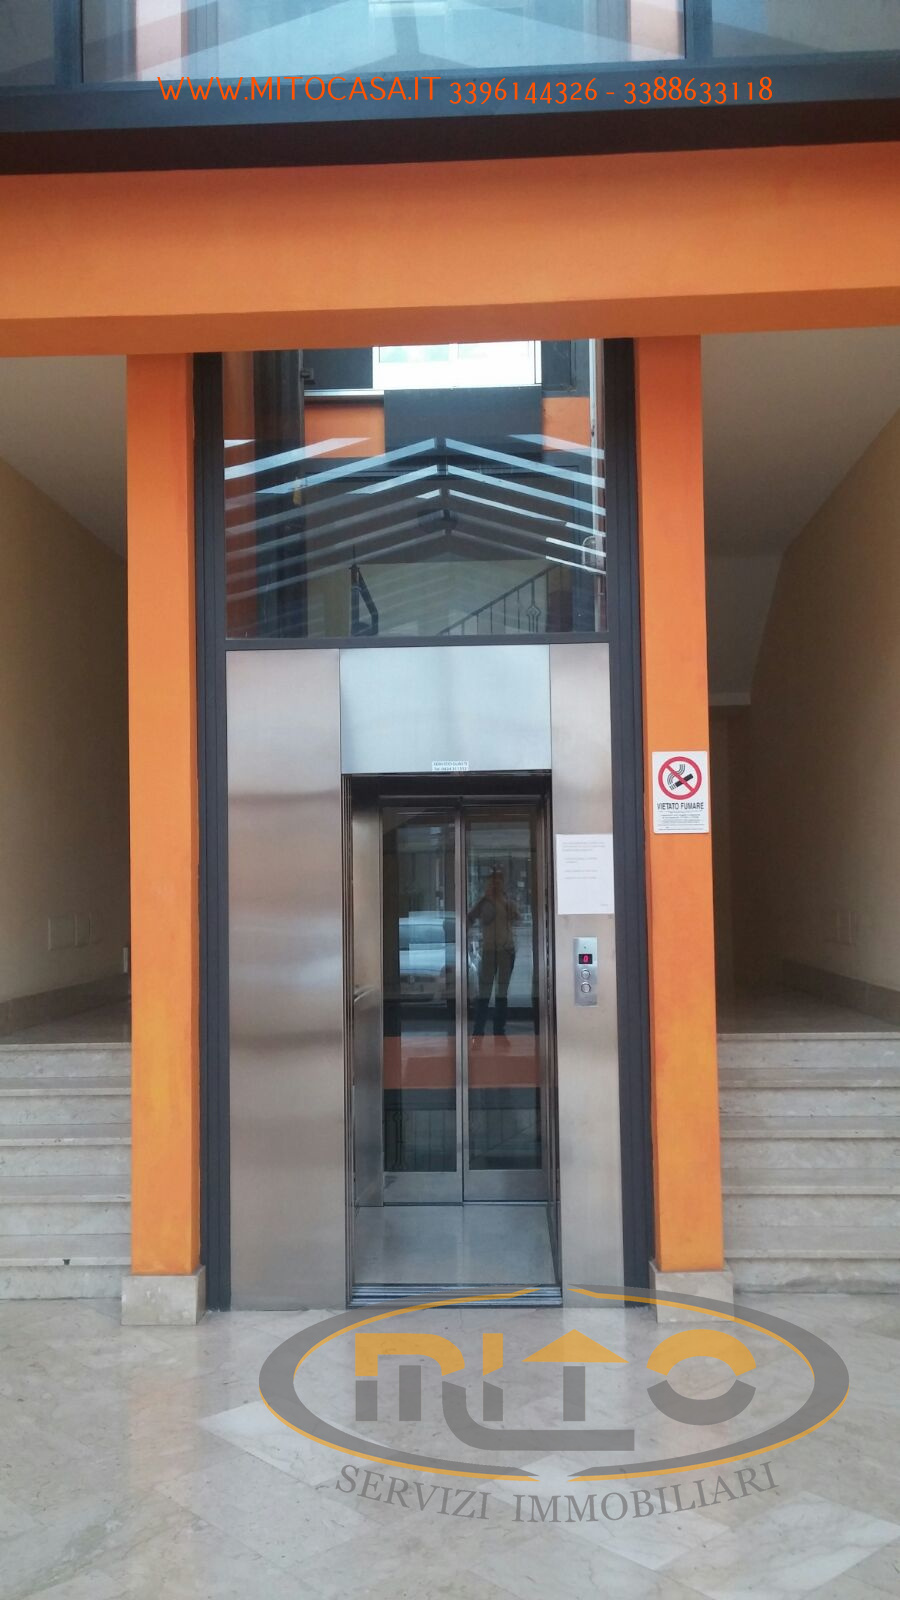 Appartamento in vendita a Telese Terme, 7 locali, prezzo € 123.000 | CambioCasa.it